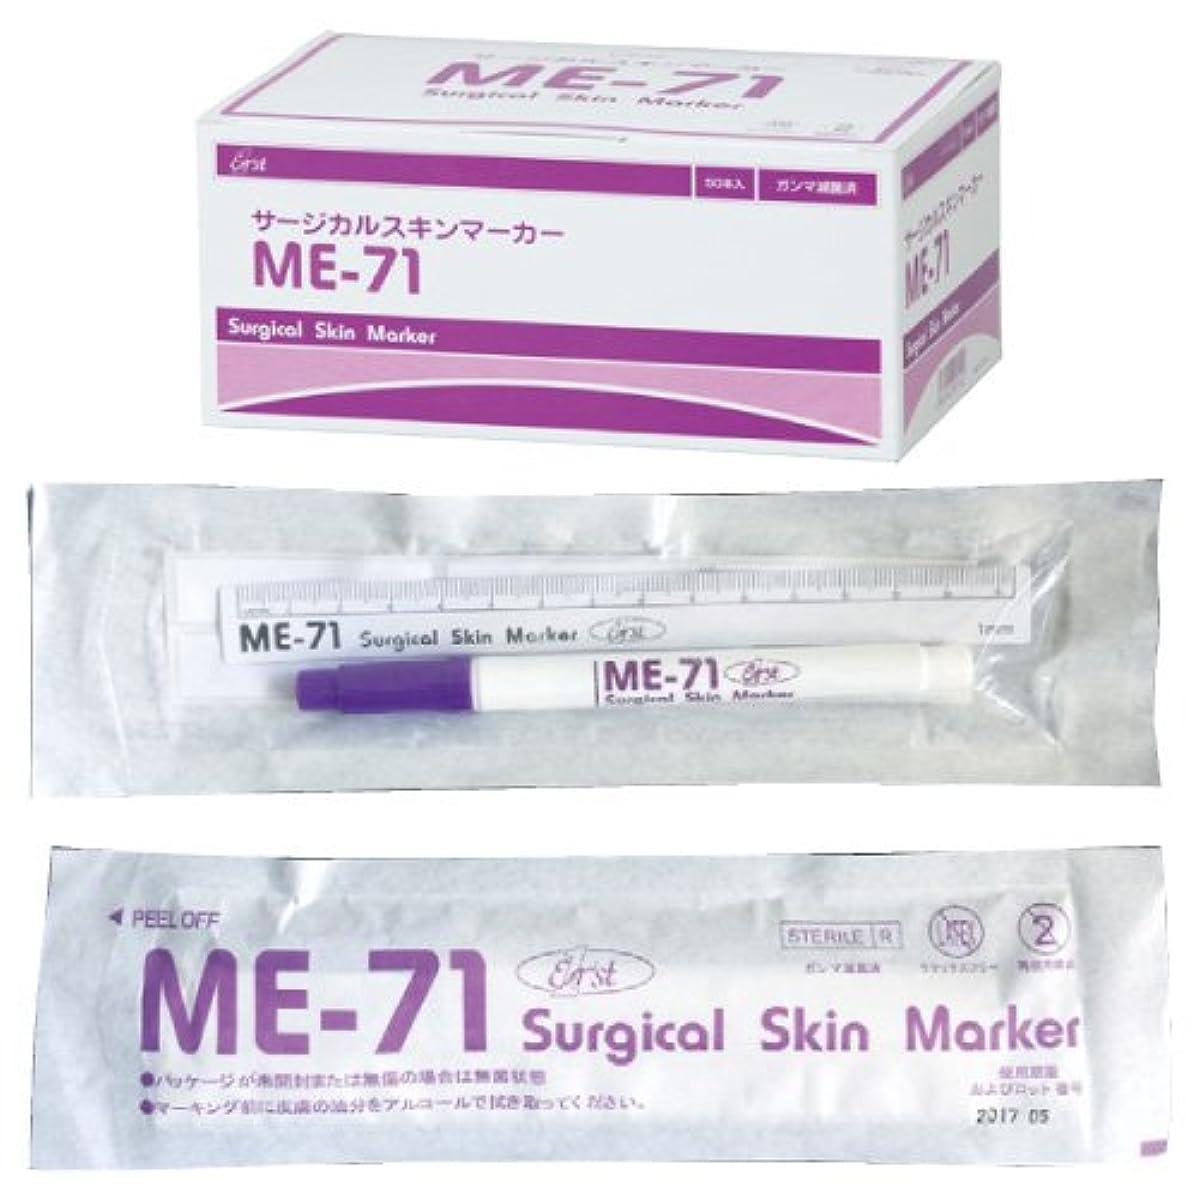 フェデレーションサイクロプスレクリエーションサージカルスキンマーカー ME-71 ●入数:50本